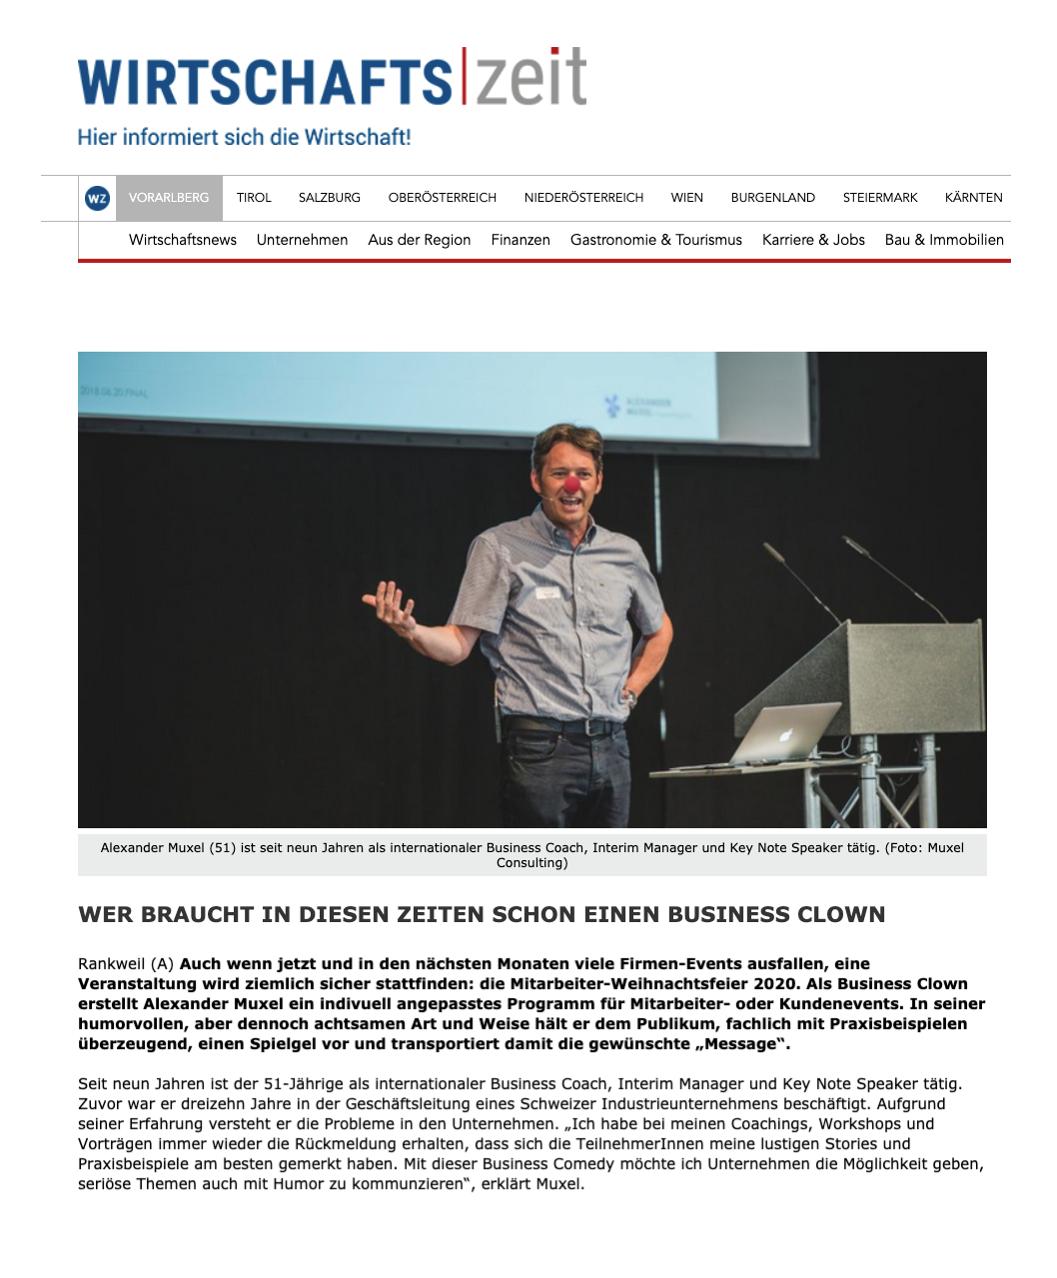 Business Clown Alexander Muxel Consulting Comedy Vorarlberg Coach Wirtschaftszeit PR 2020.03.26